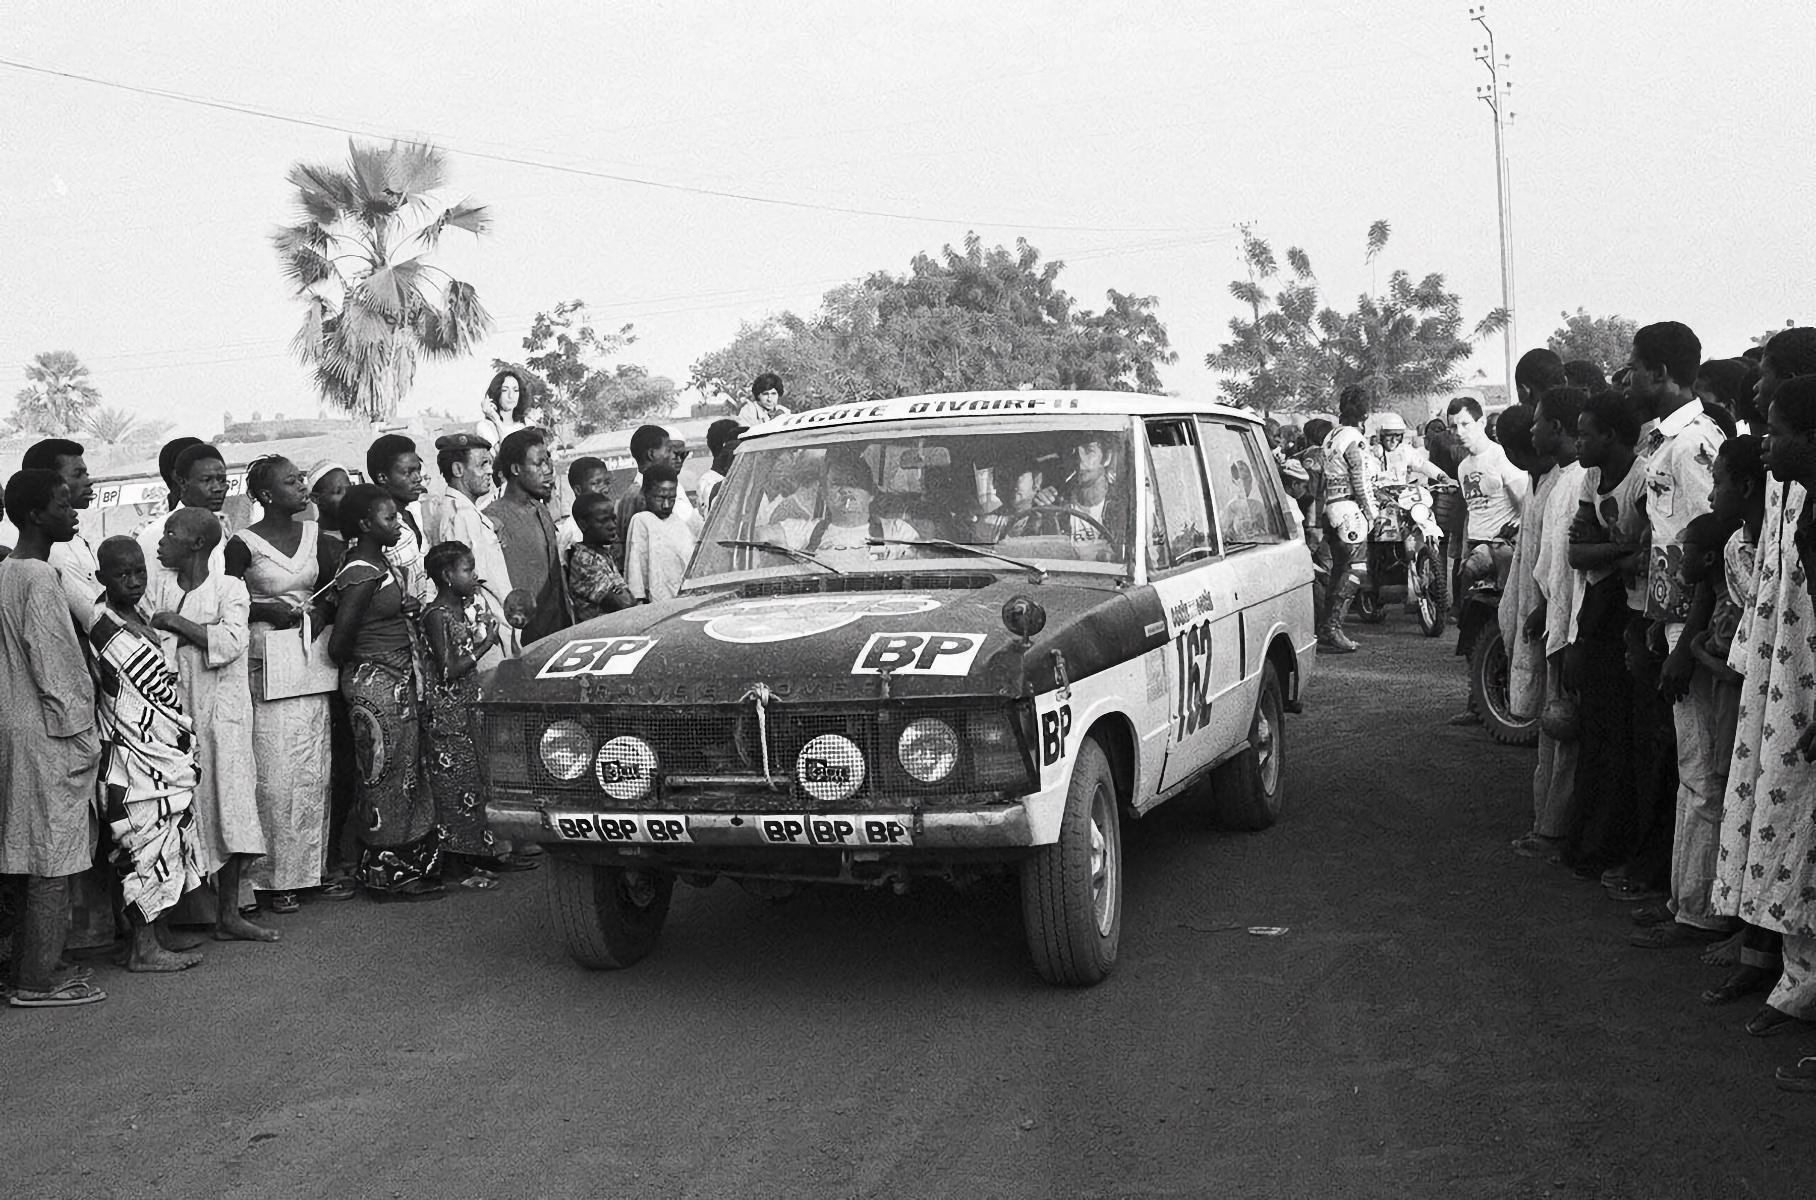 """Ален Женестье на Range Rover завоевал победу в самом первом марафоне """"Париж-Дакар"""" в 1979 году"""